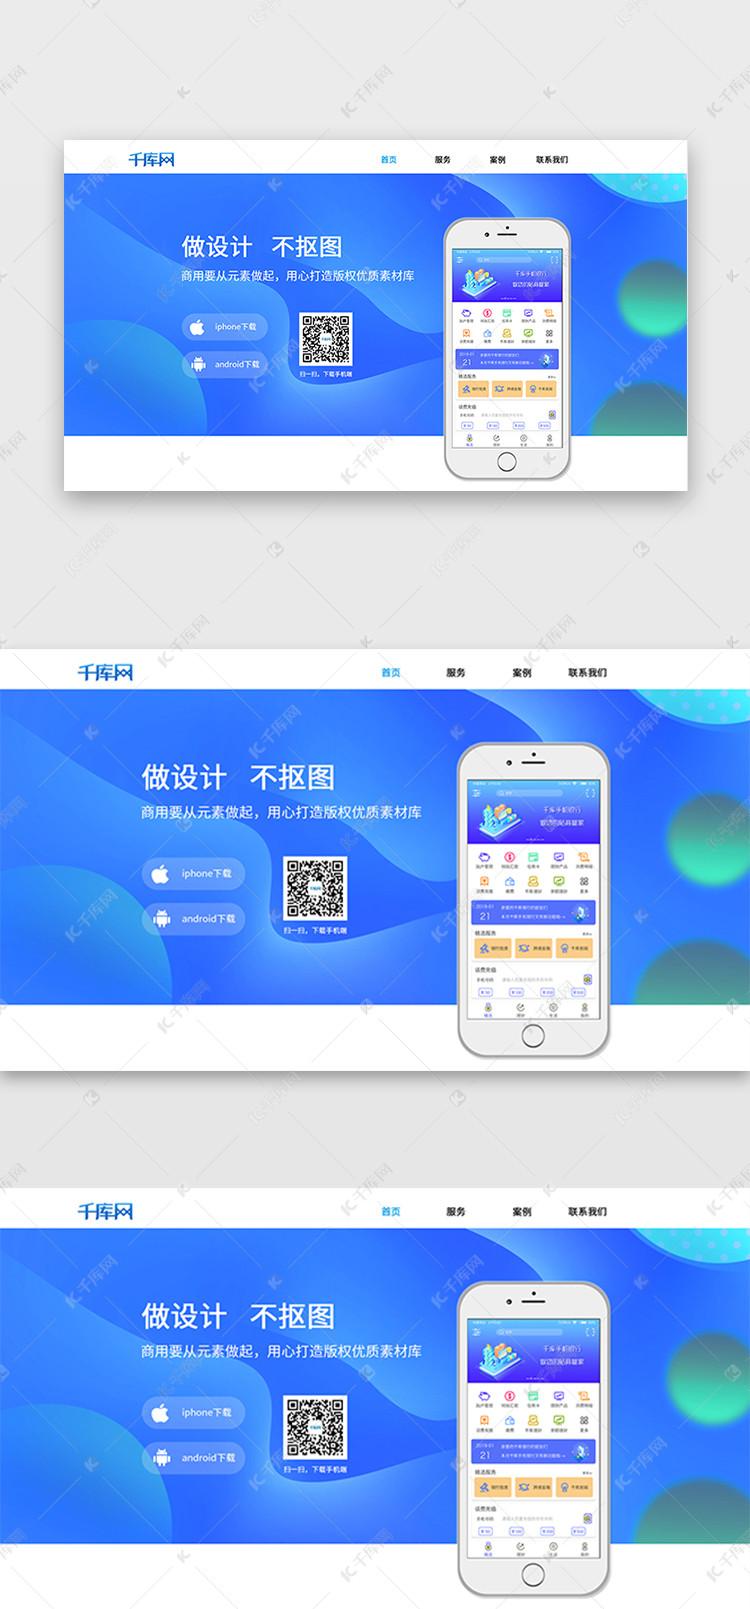 科技系渐变网页页面民工软件下载线条UIv科技通则建筑设计蓝色下载图片